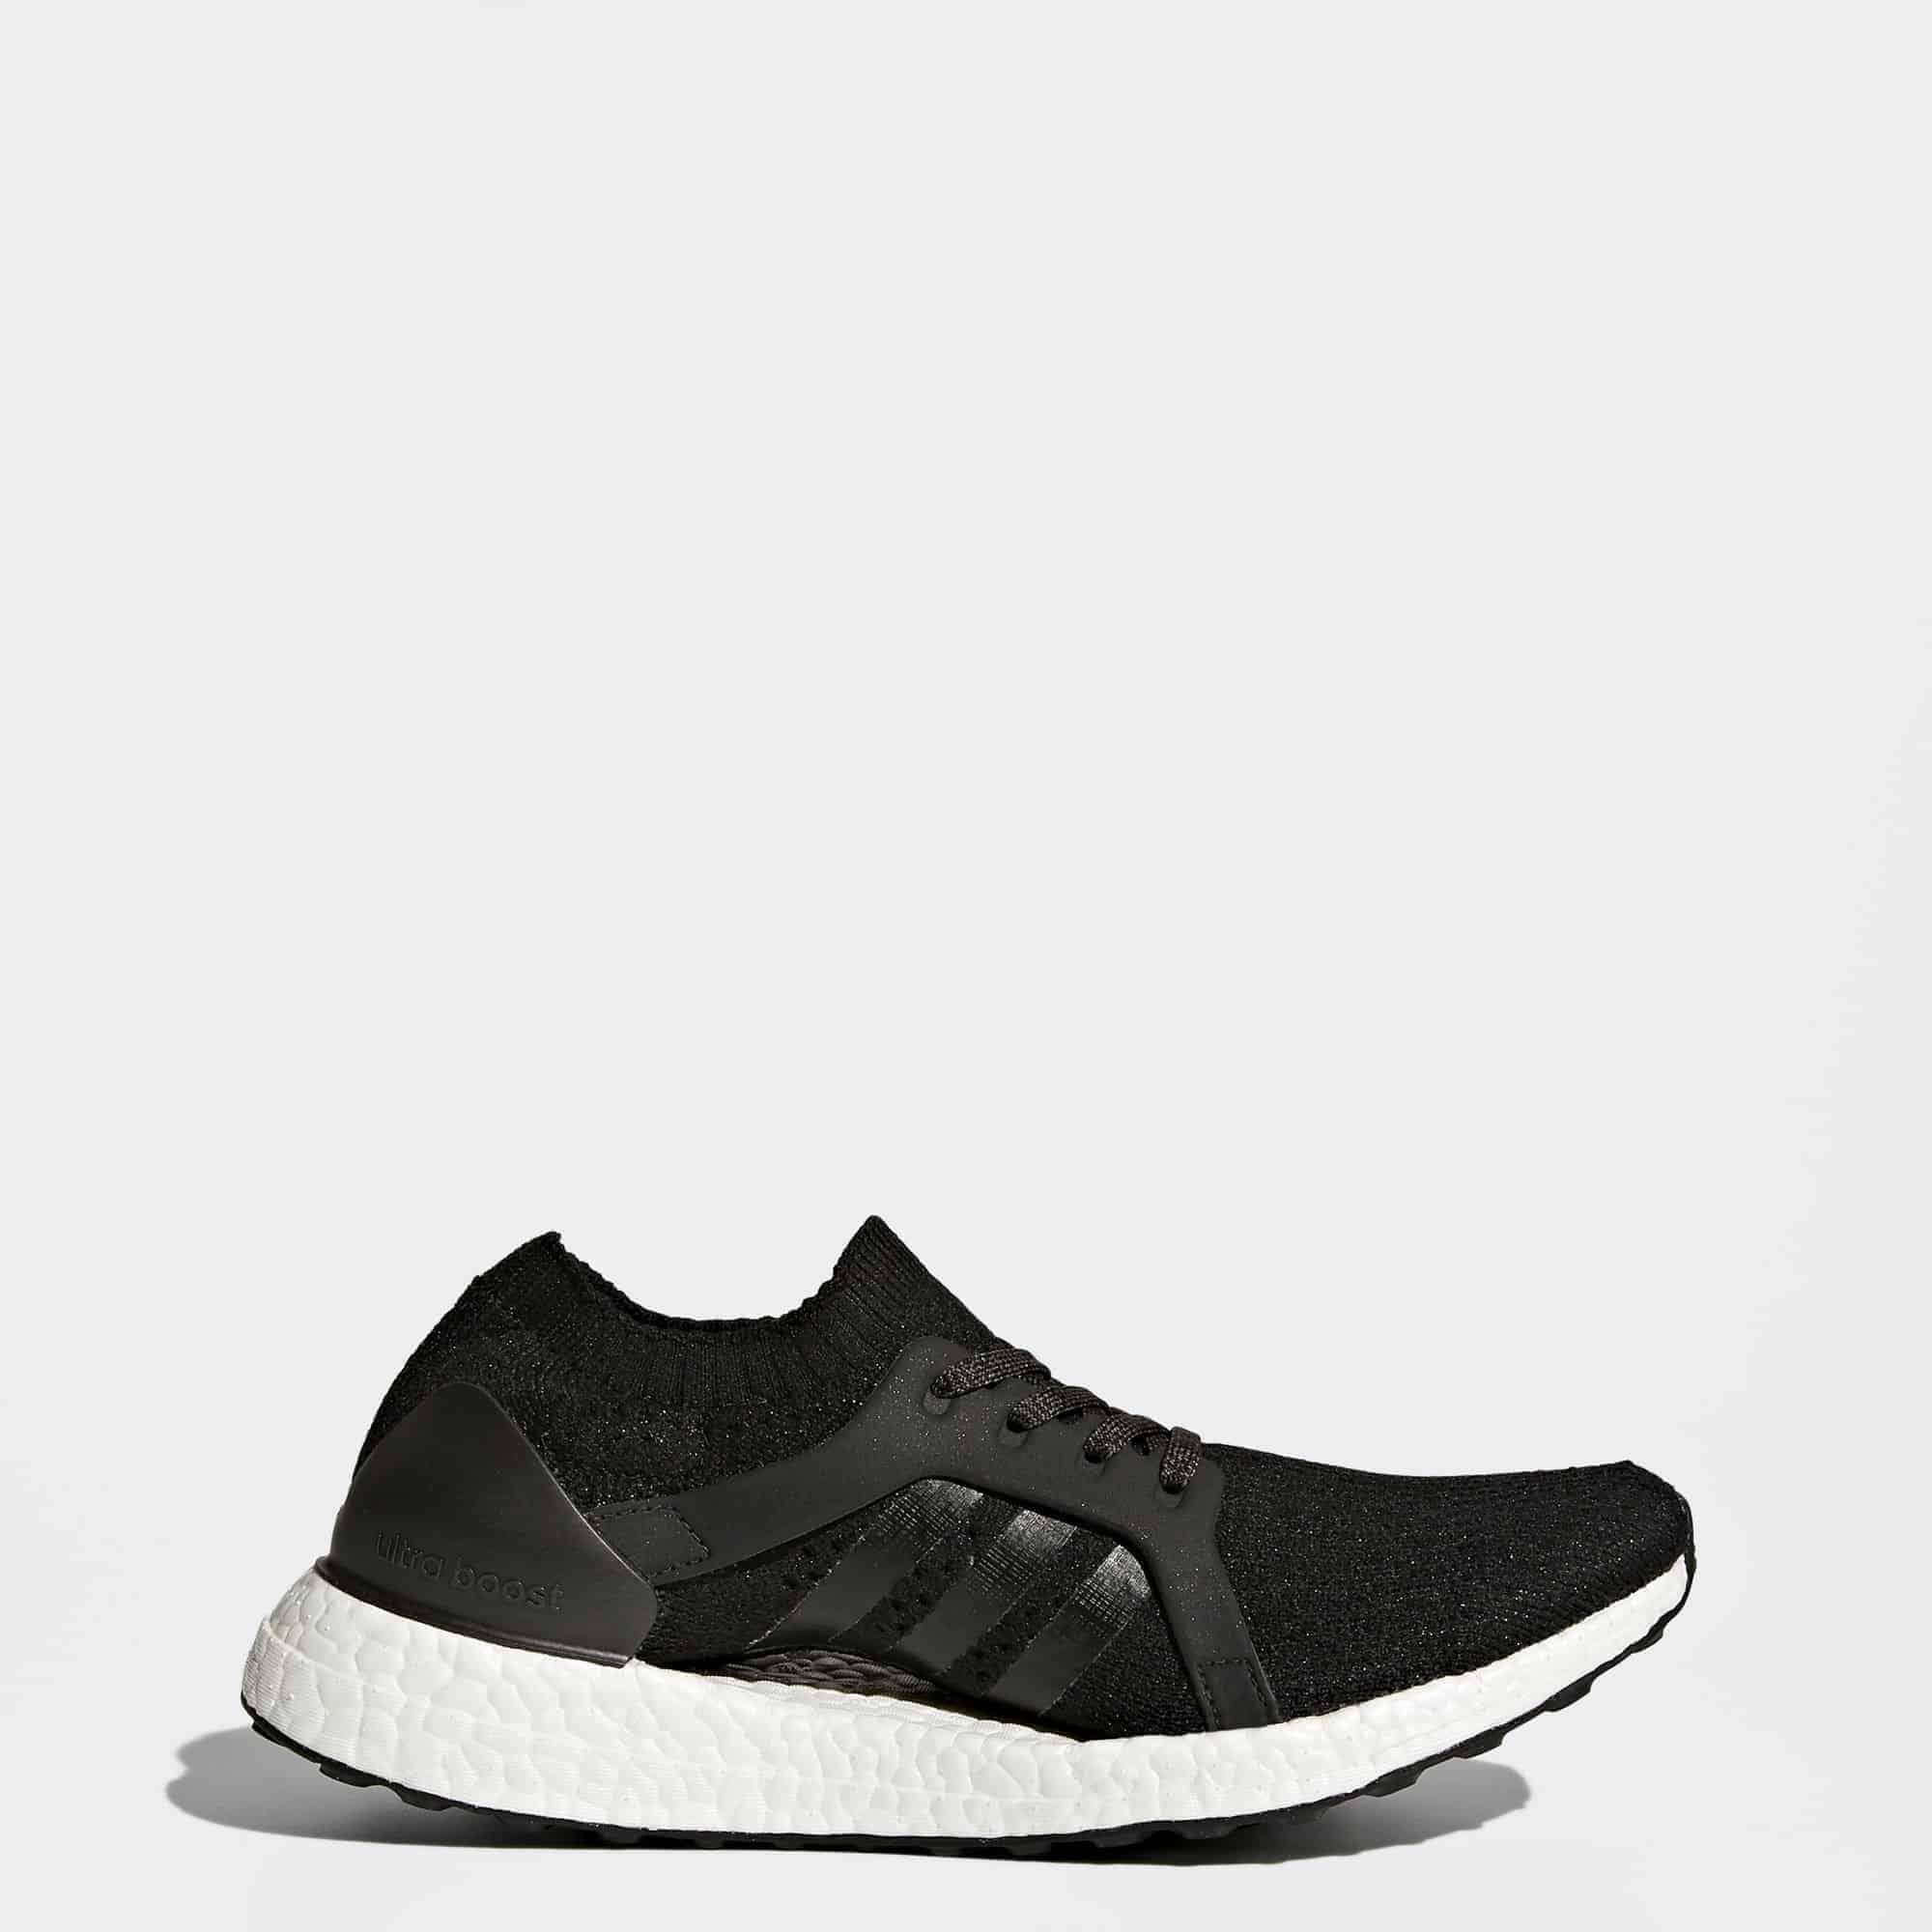 Кроссовки для бега Adidas UltraBOOST X женские